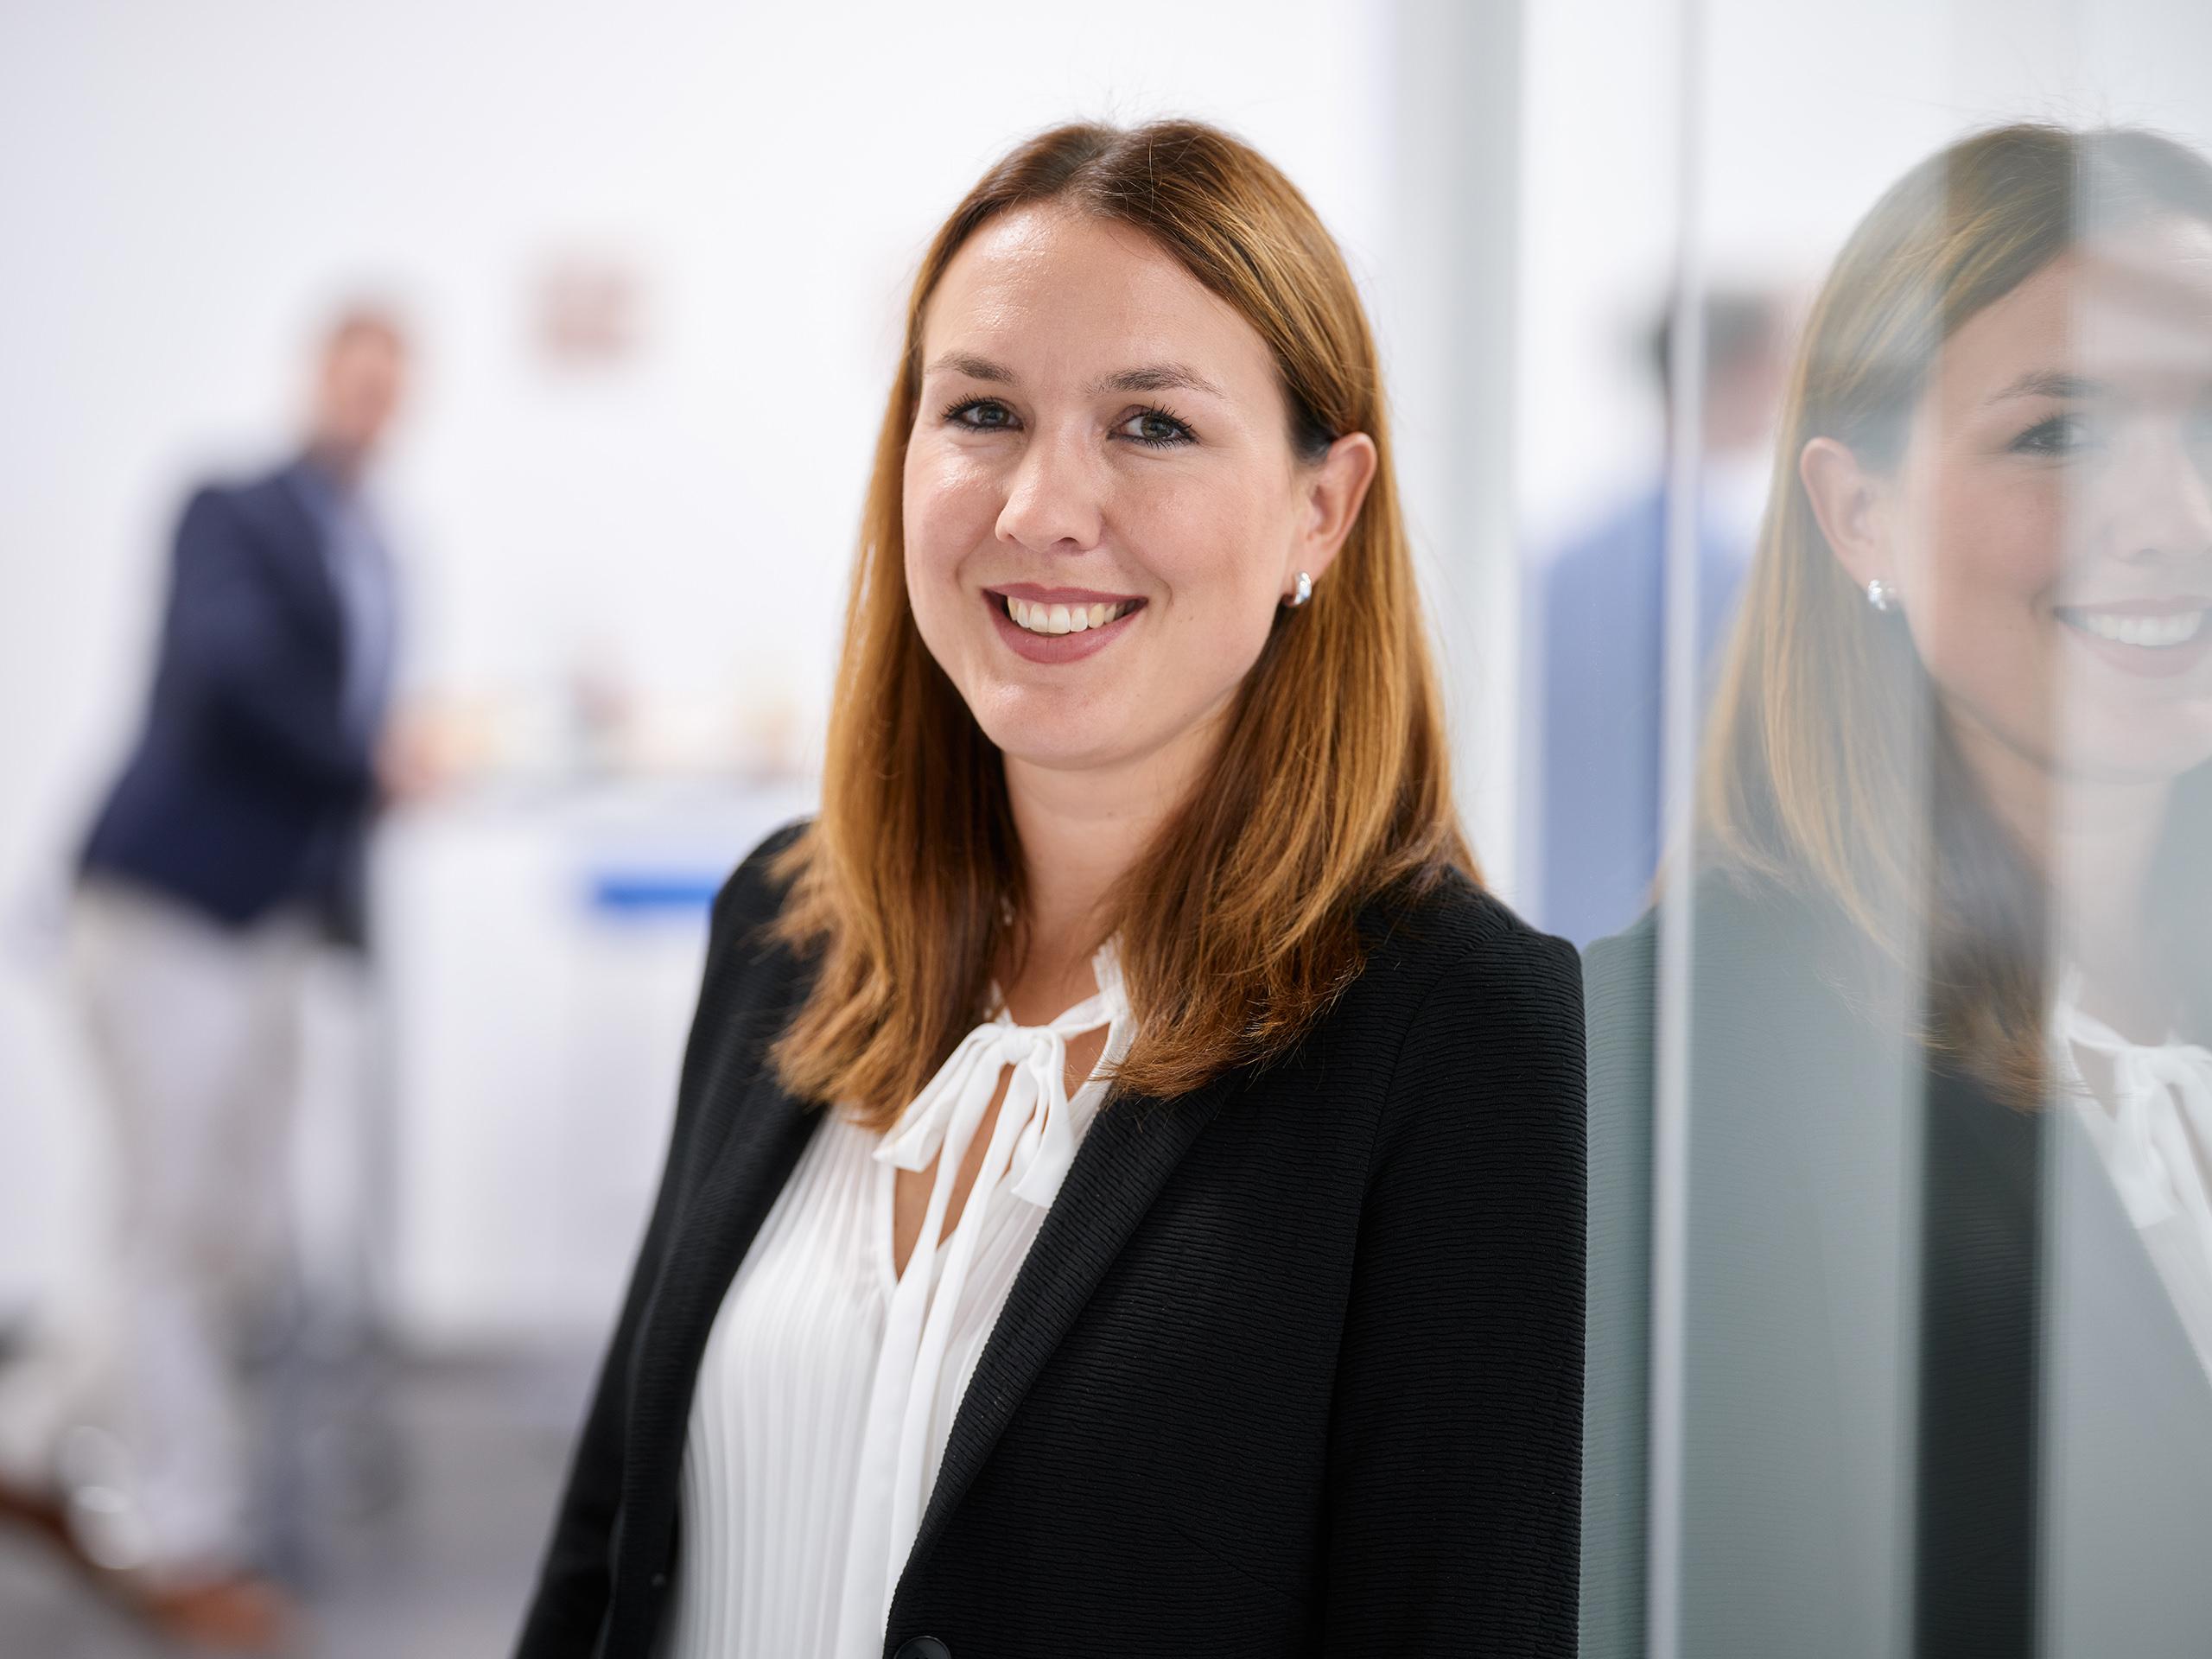 Leslie Eckmann, Sekretärin und Finanzbuchhaltung